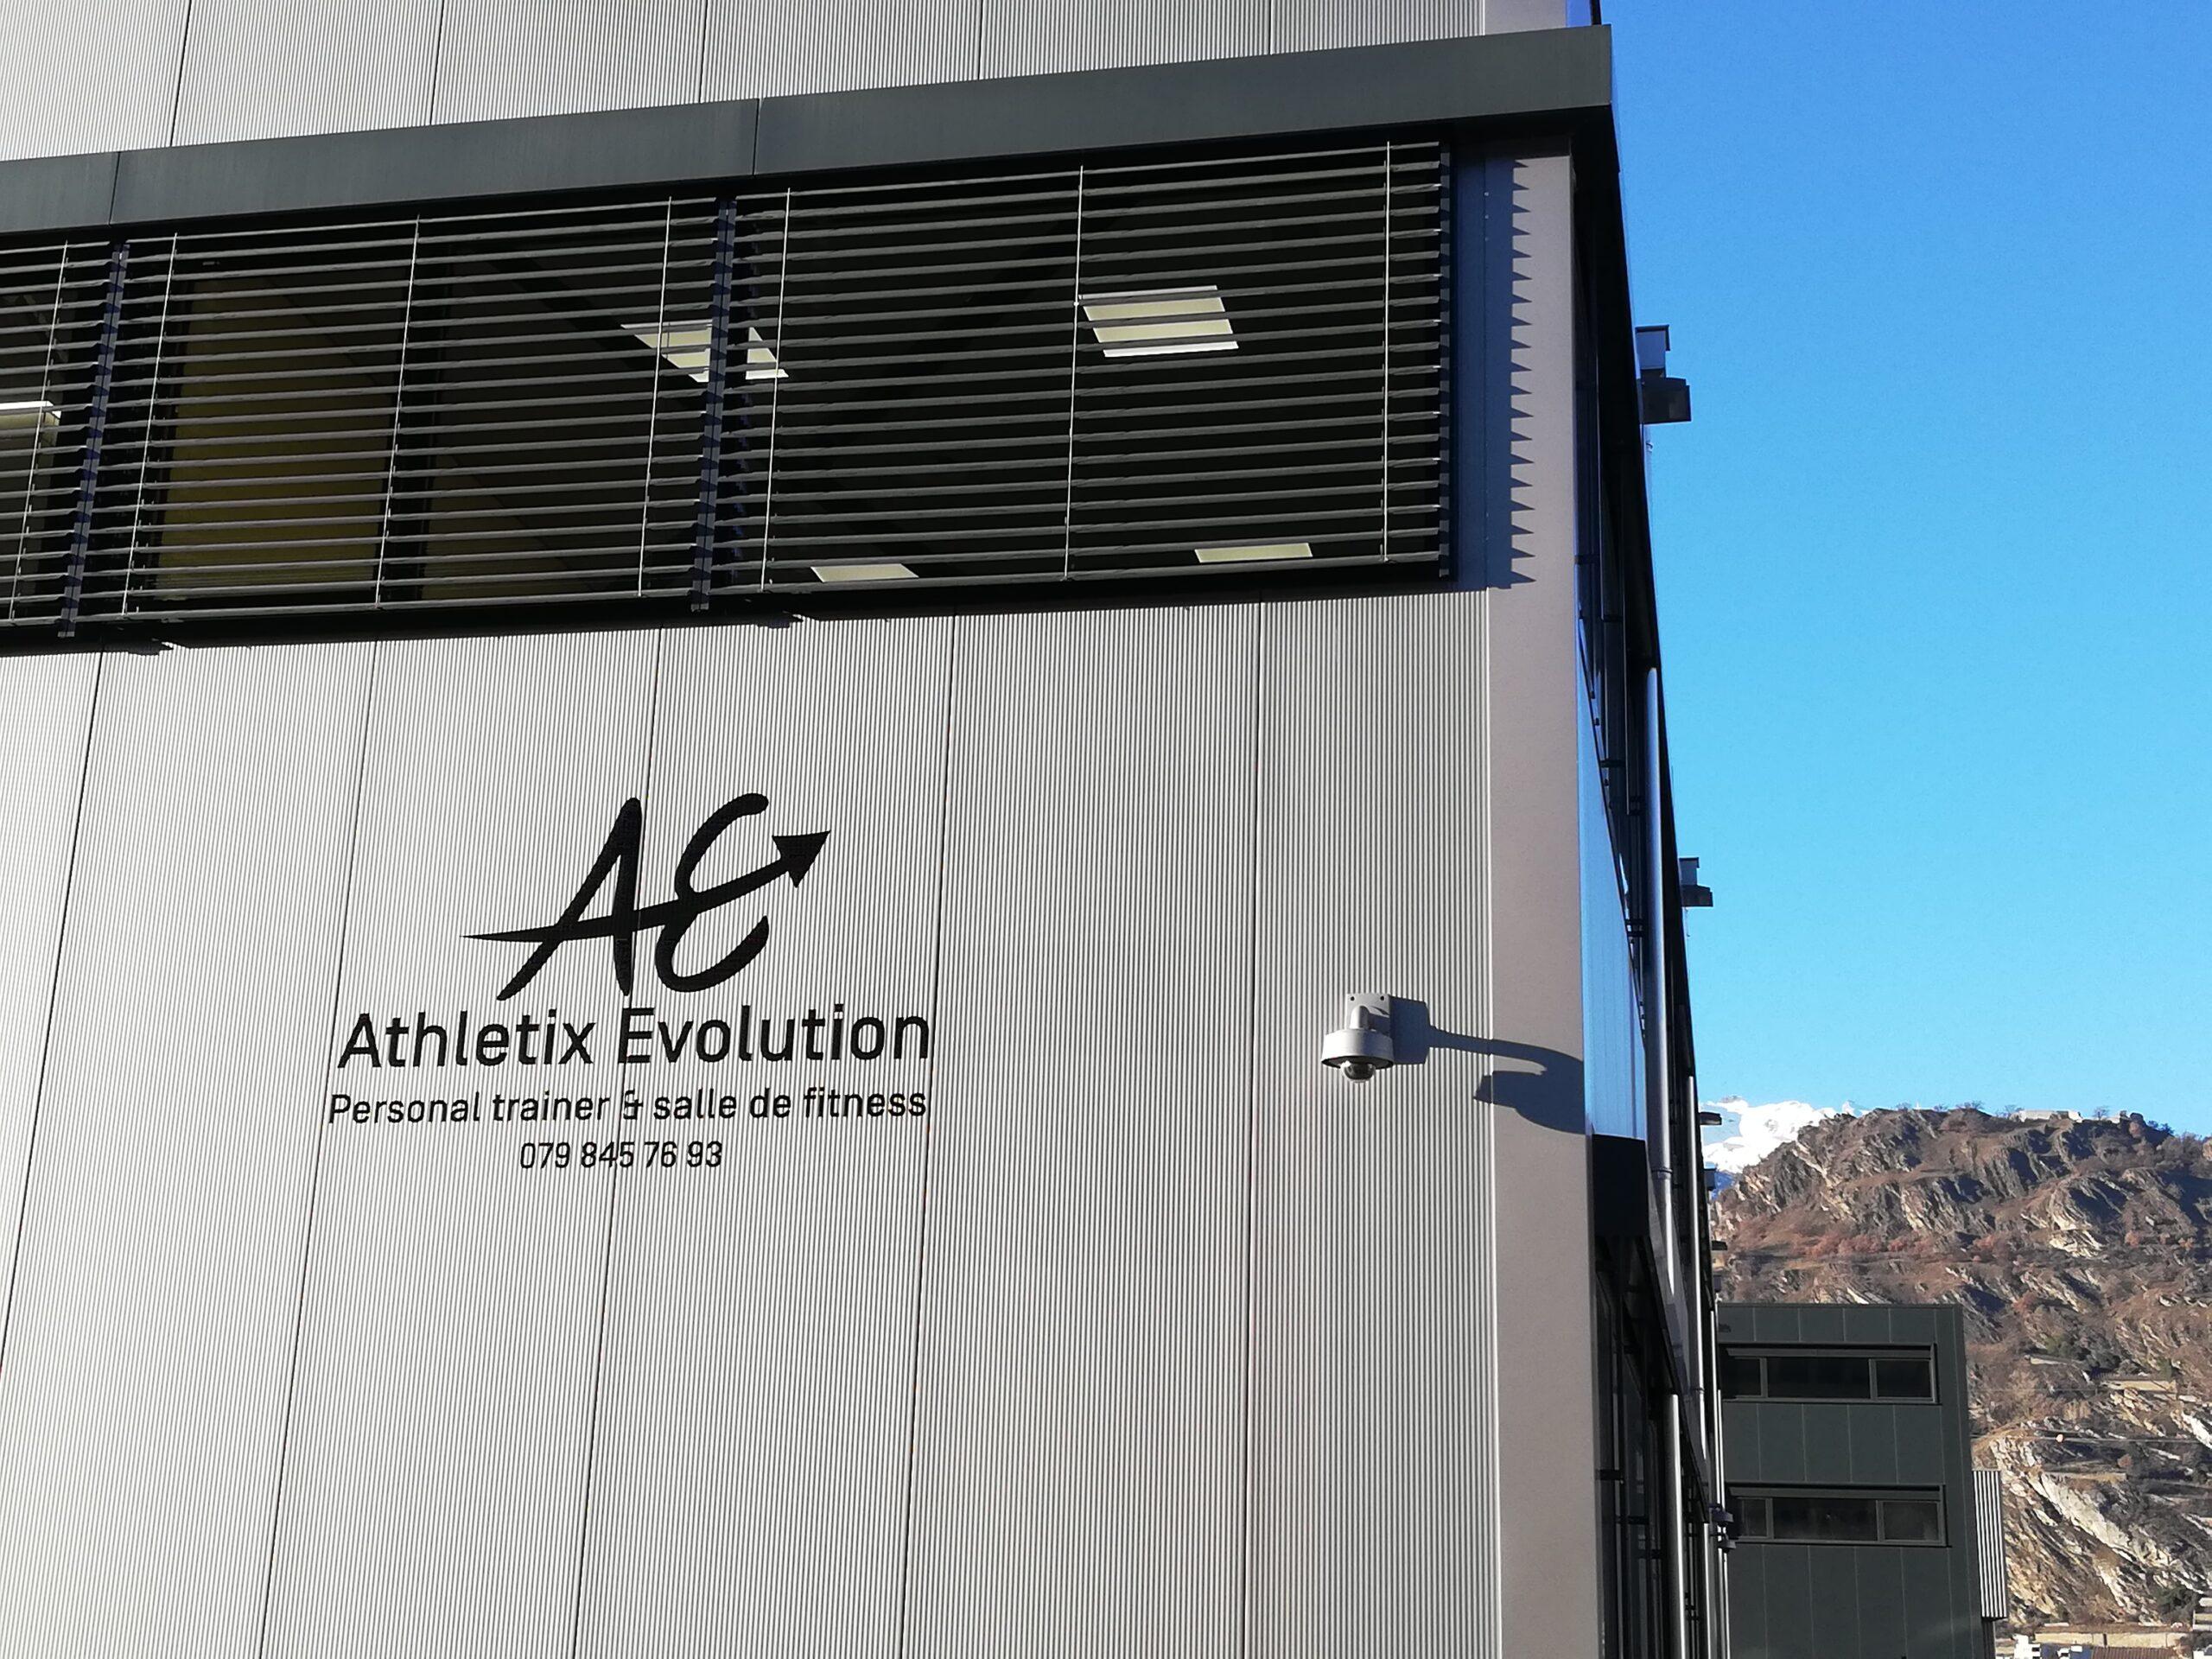 Athletix Evolution - Pubblicité Fitness Exterieur - Locaux Activité et services